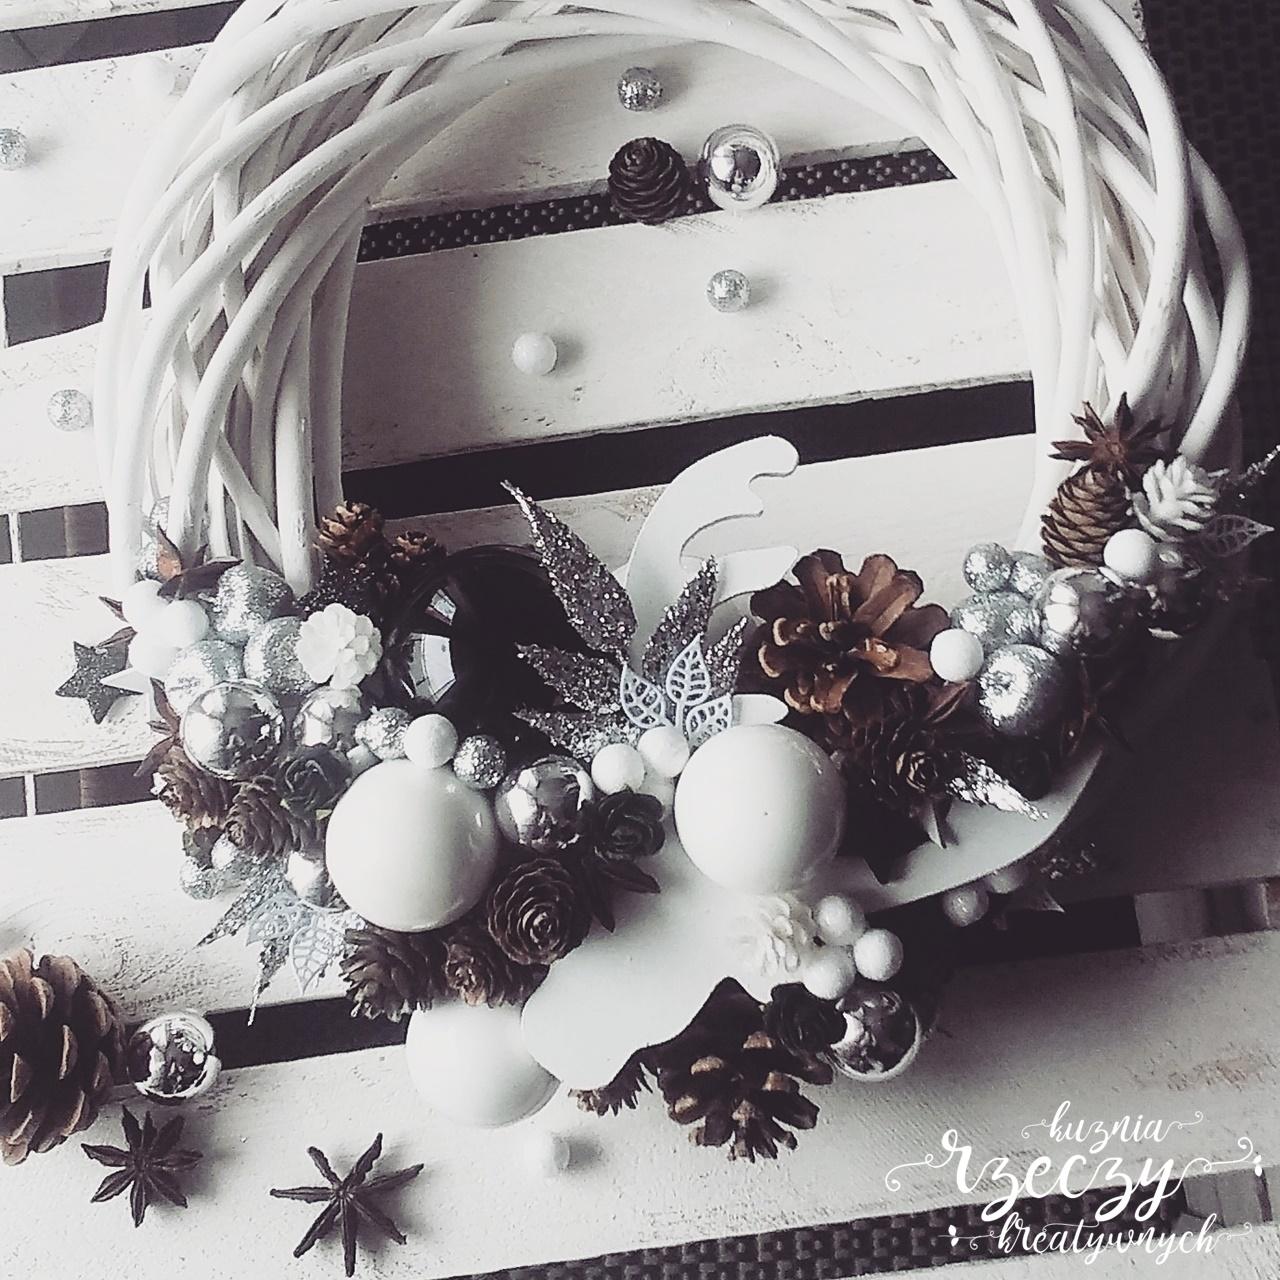 Ręcznie wykonany stroik, wianek świąteczny, bożonarodzeniowy.